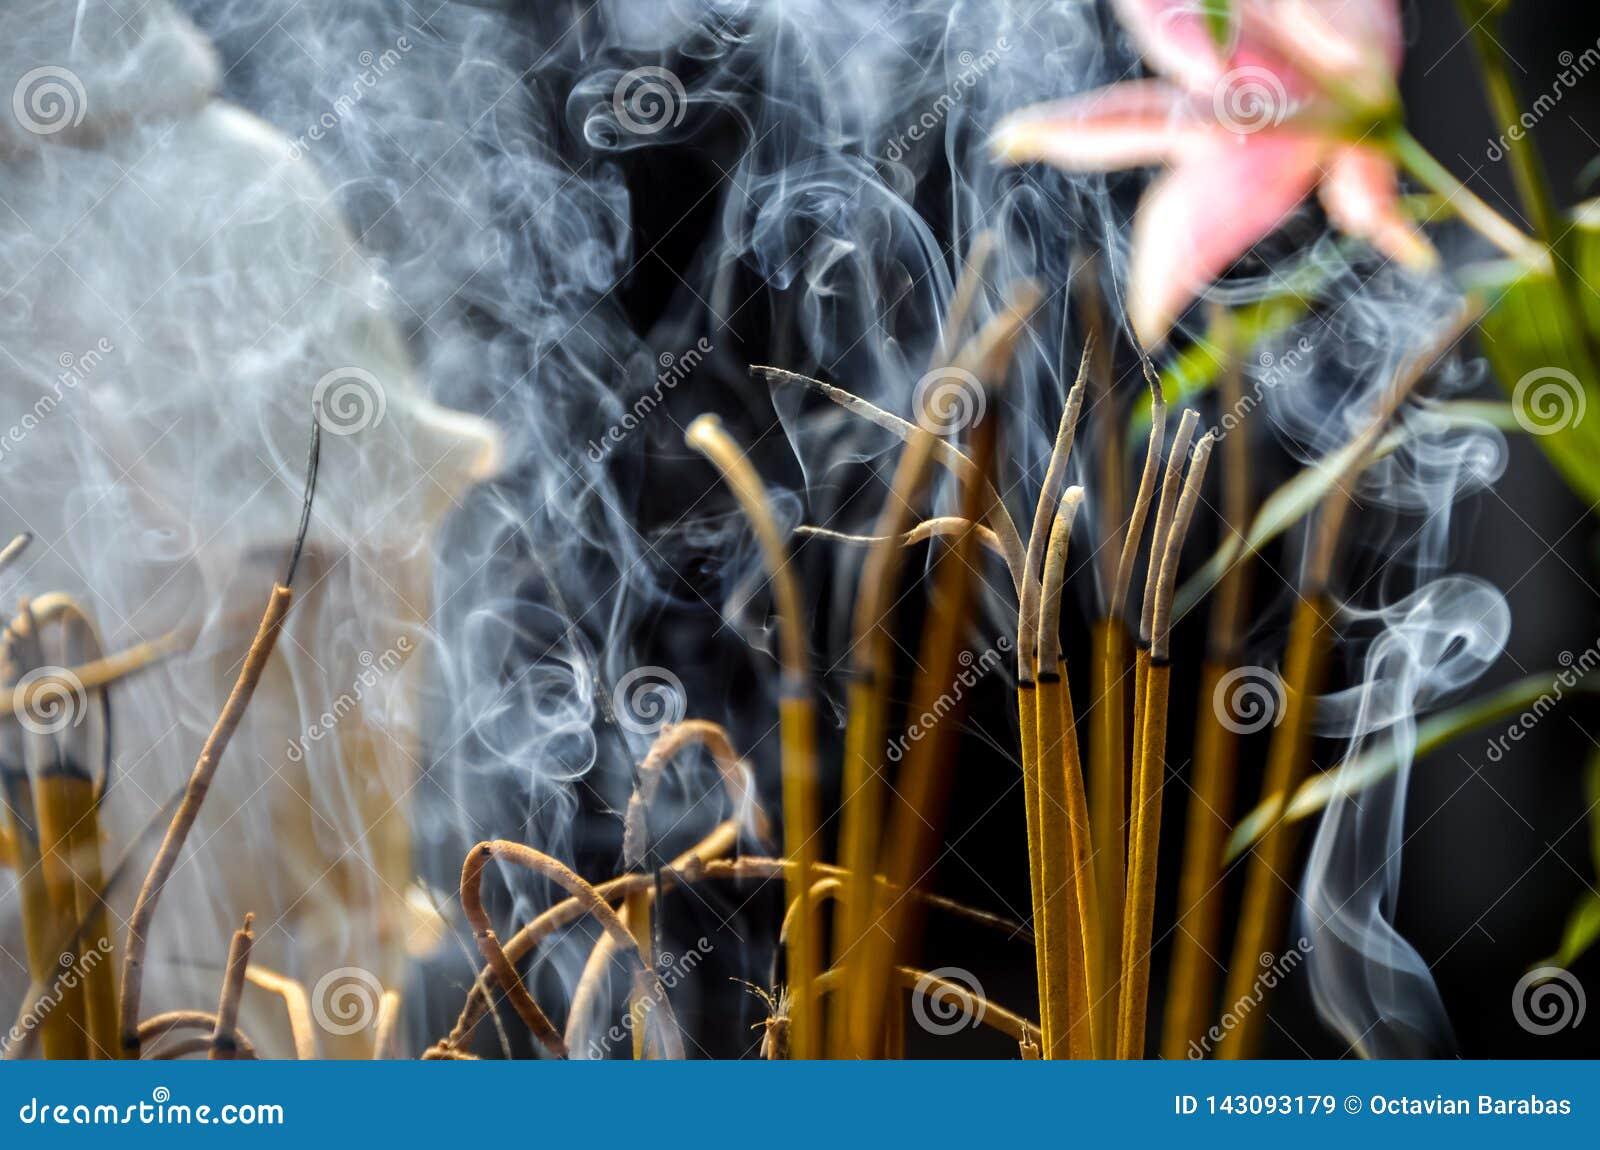 Kadzidło kije w świątyni w Wietnam